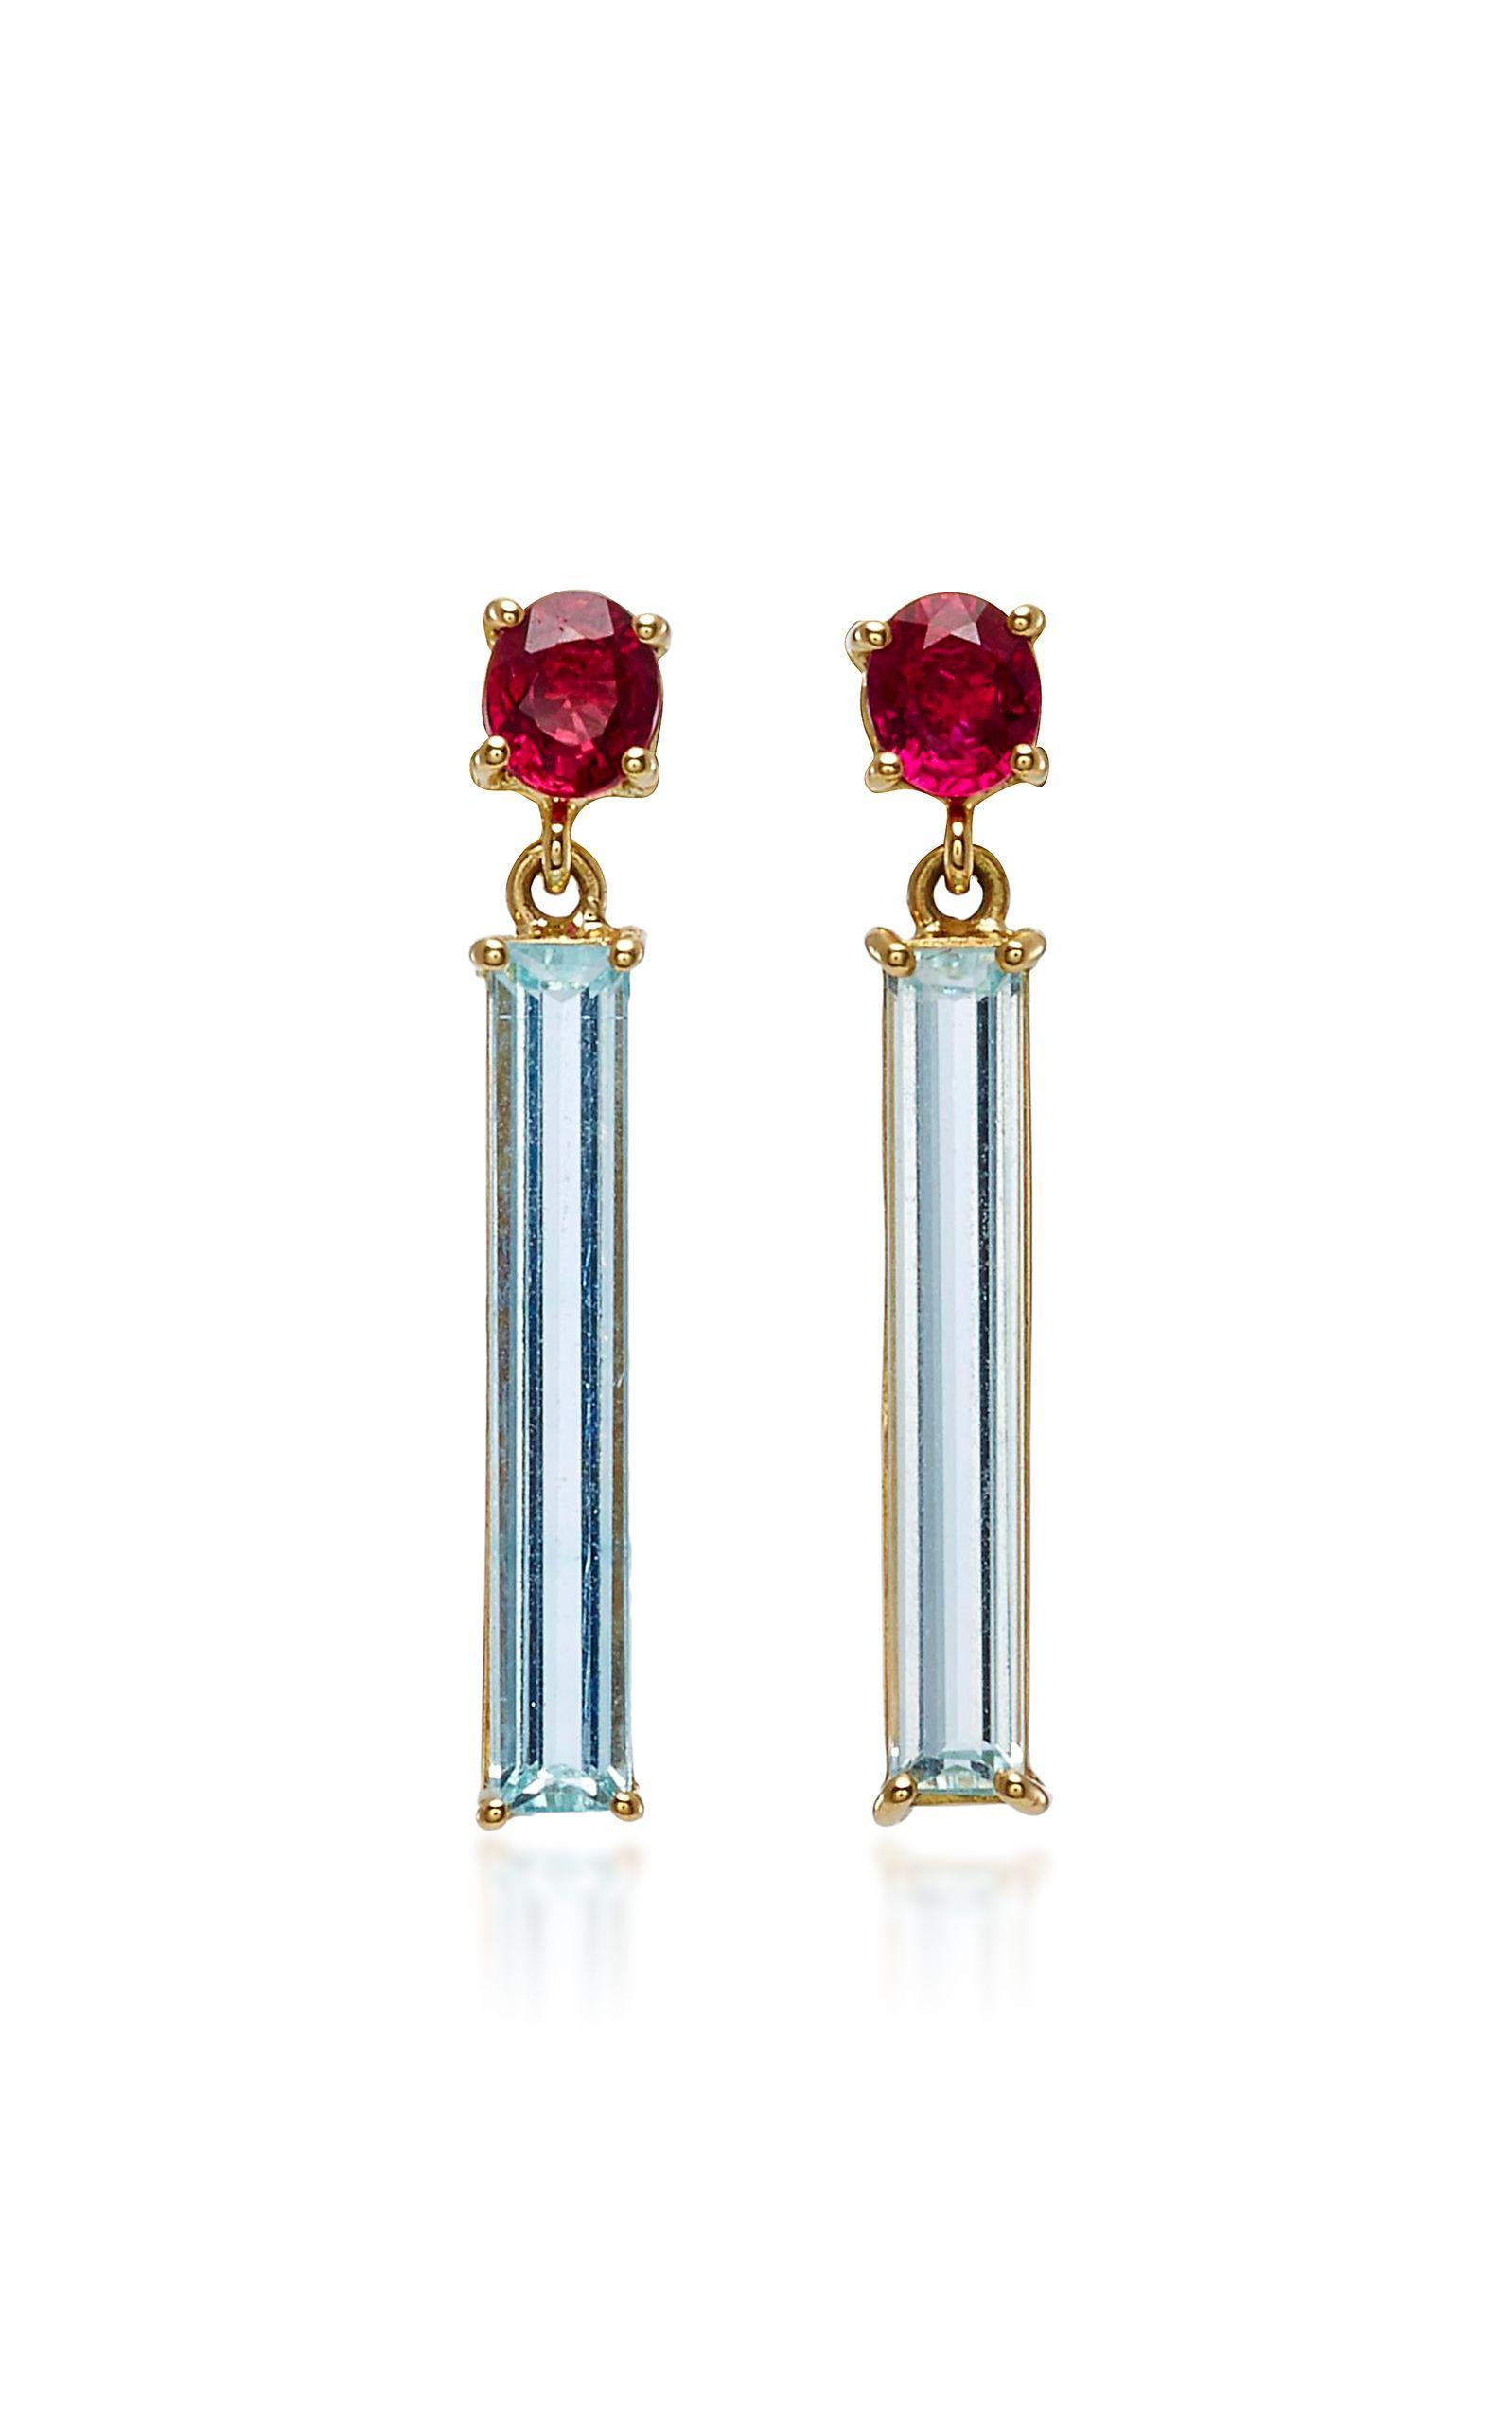 18k Rubis Or Et Boucles D'oreilles Diamant Collection Yi 4pM2QppP